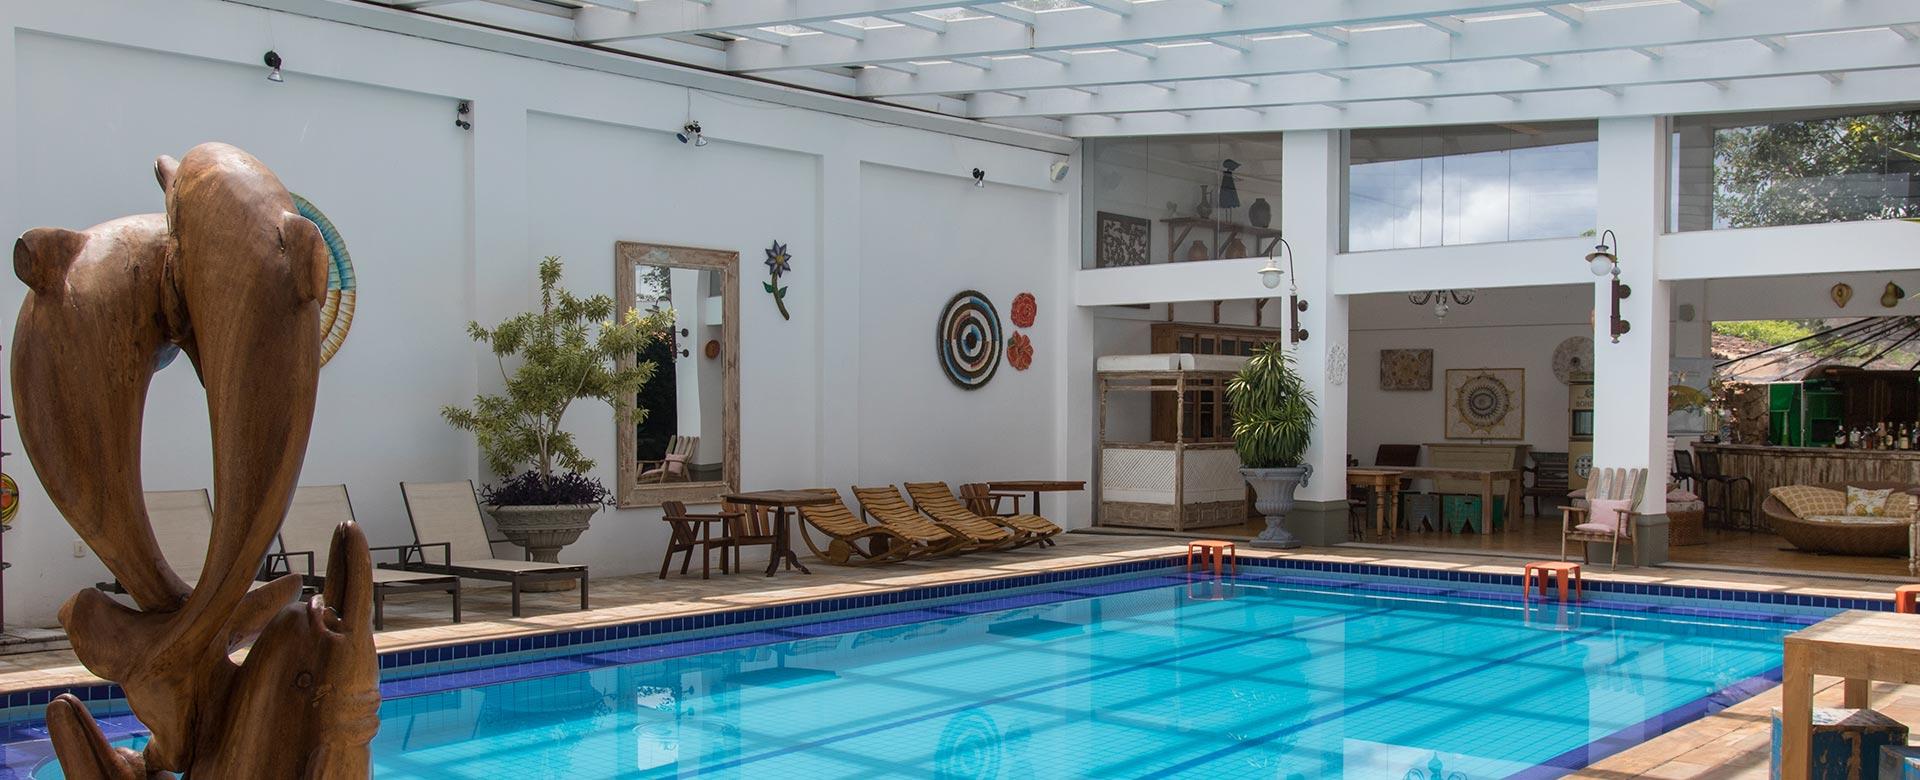 piscina-aquecida-coberta